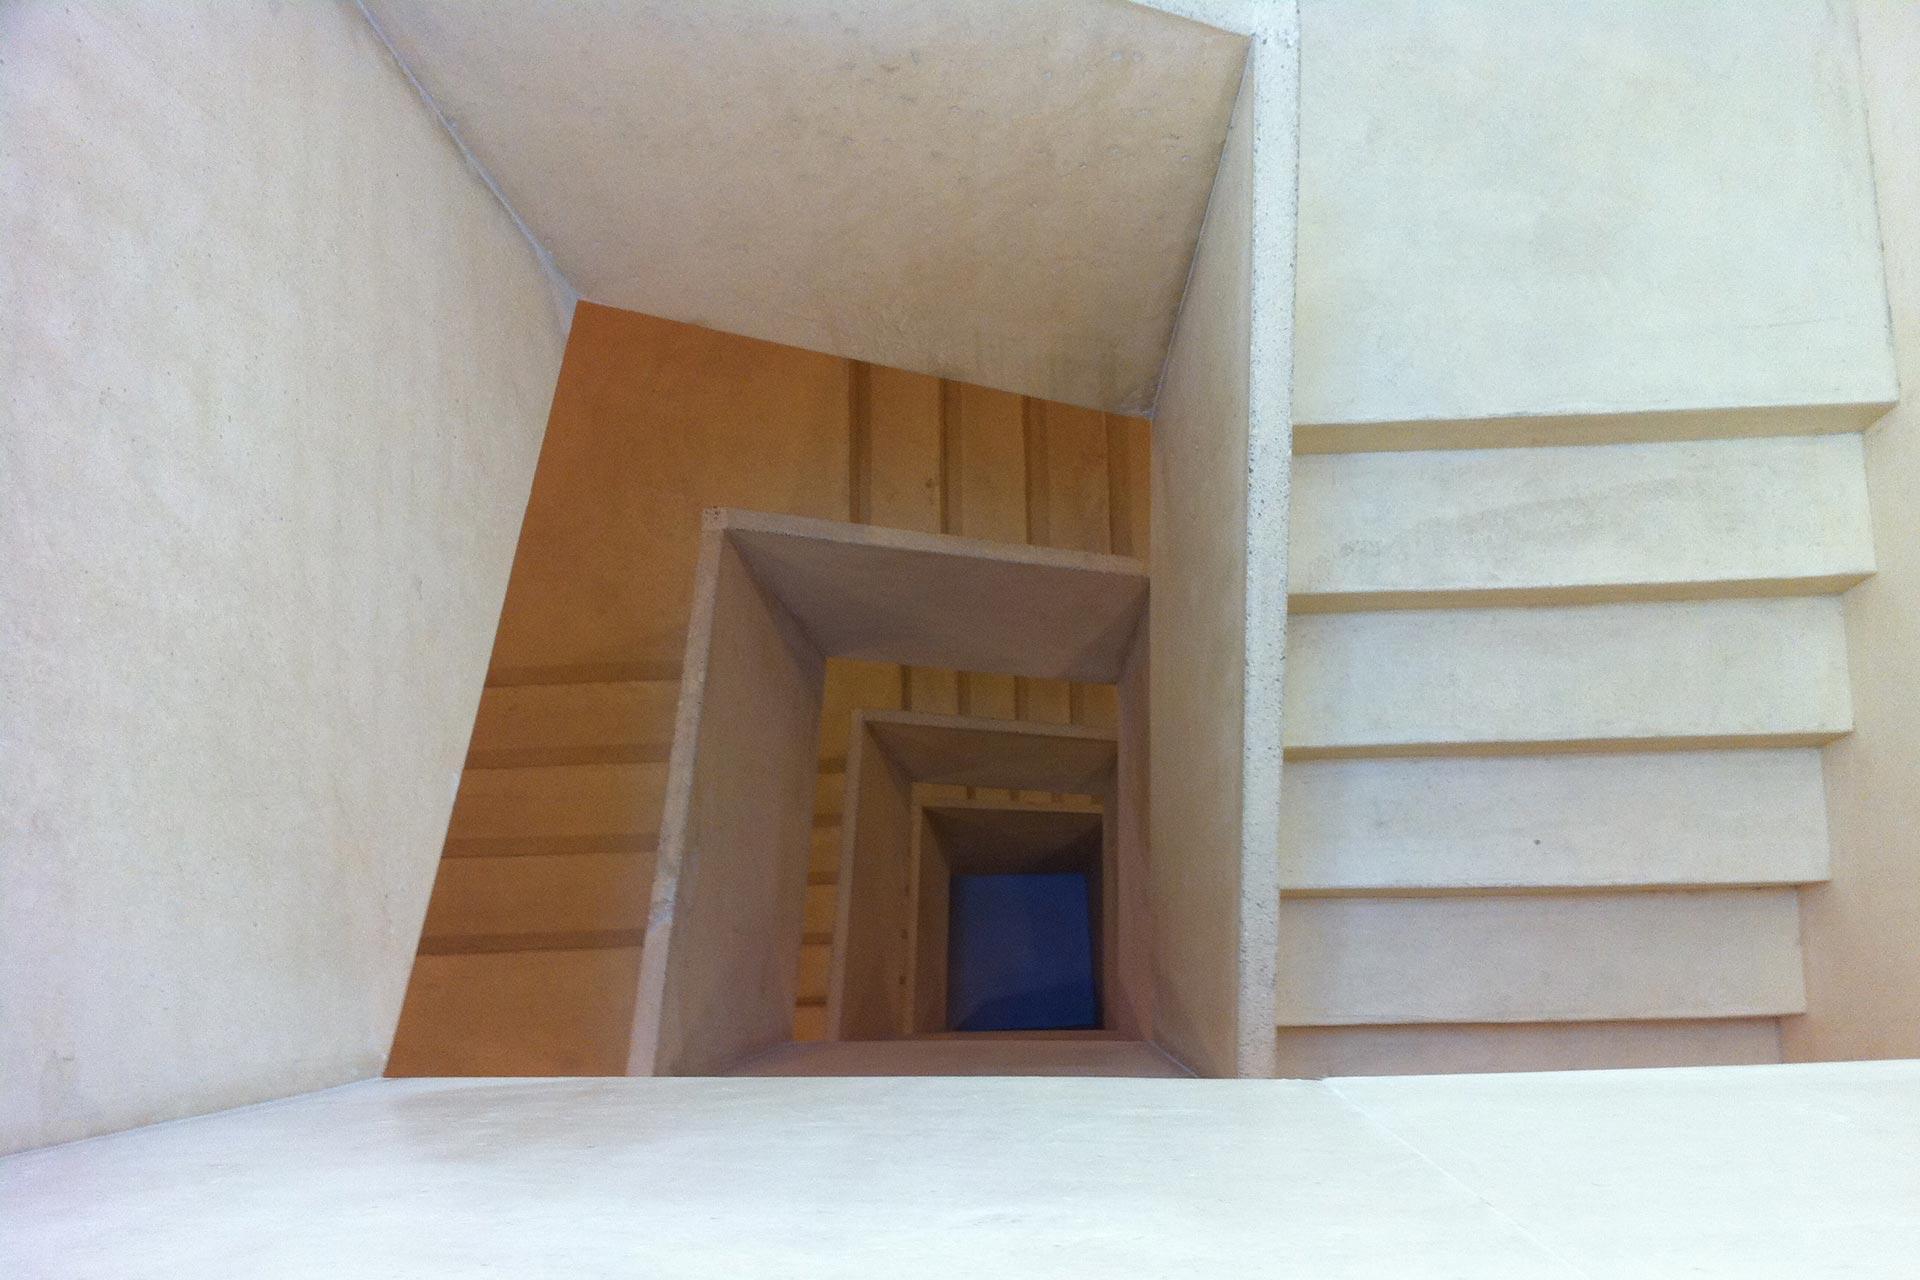 Referenzen, Kanton Zürich, Mathilde Escher Heim